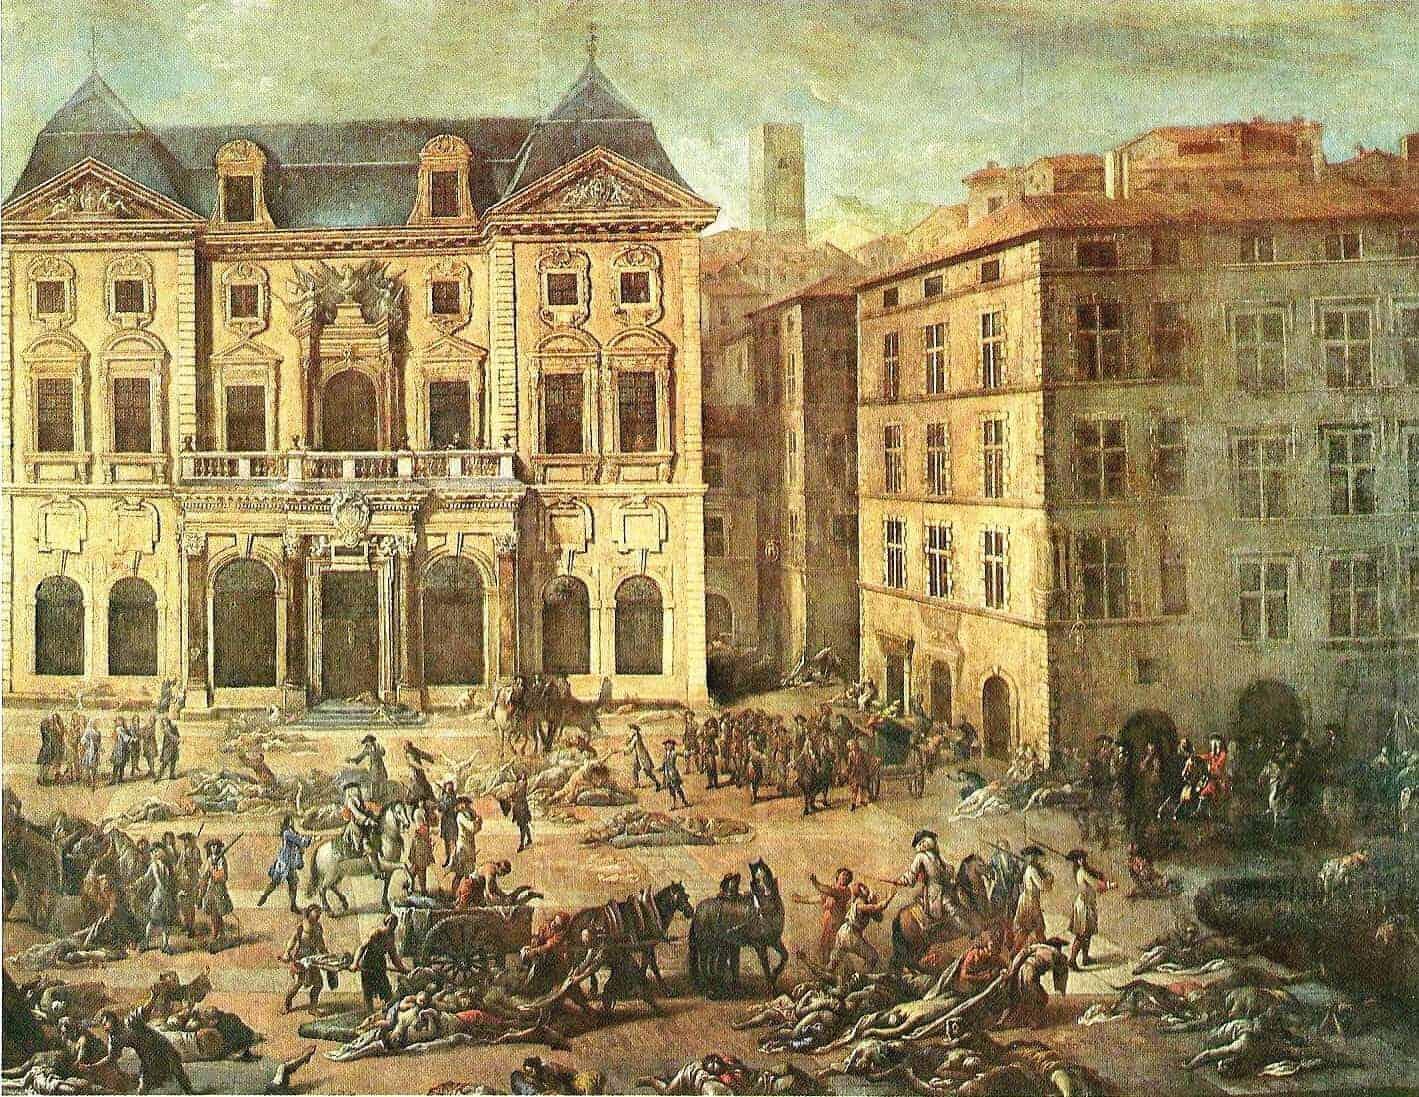 شیوع بیماری طاعون در اروپا، در سال ۱۷۲۰ نیمی از جمعیت شهر مارسی در فرانسه را از بین برد